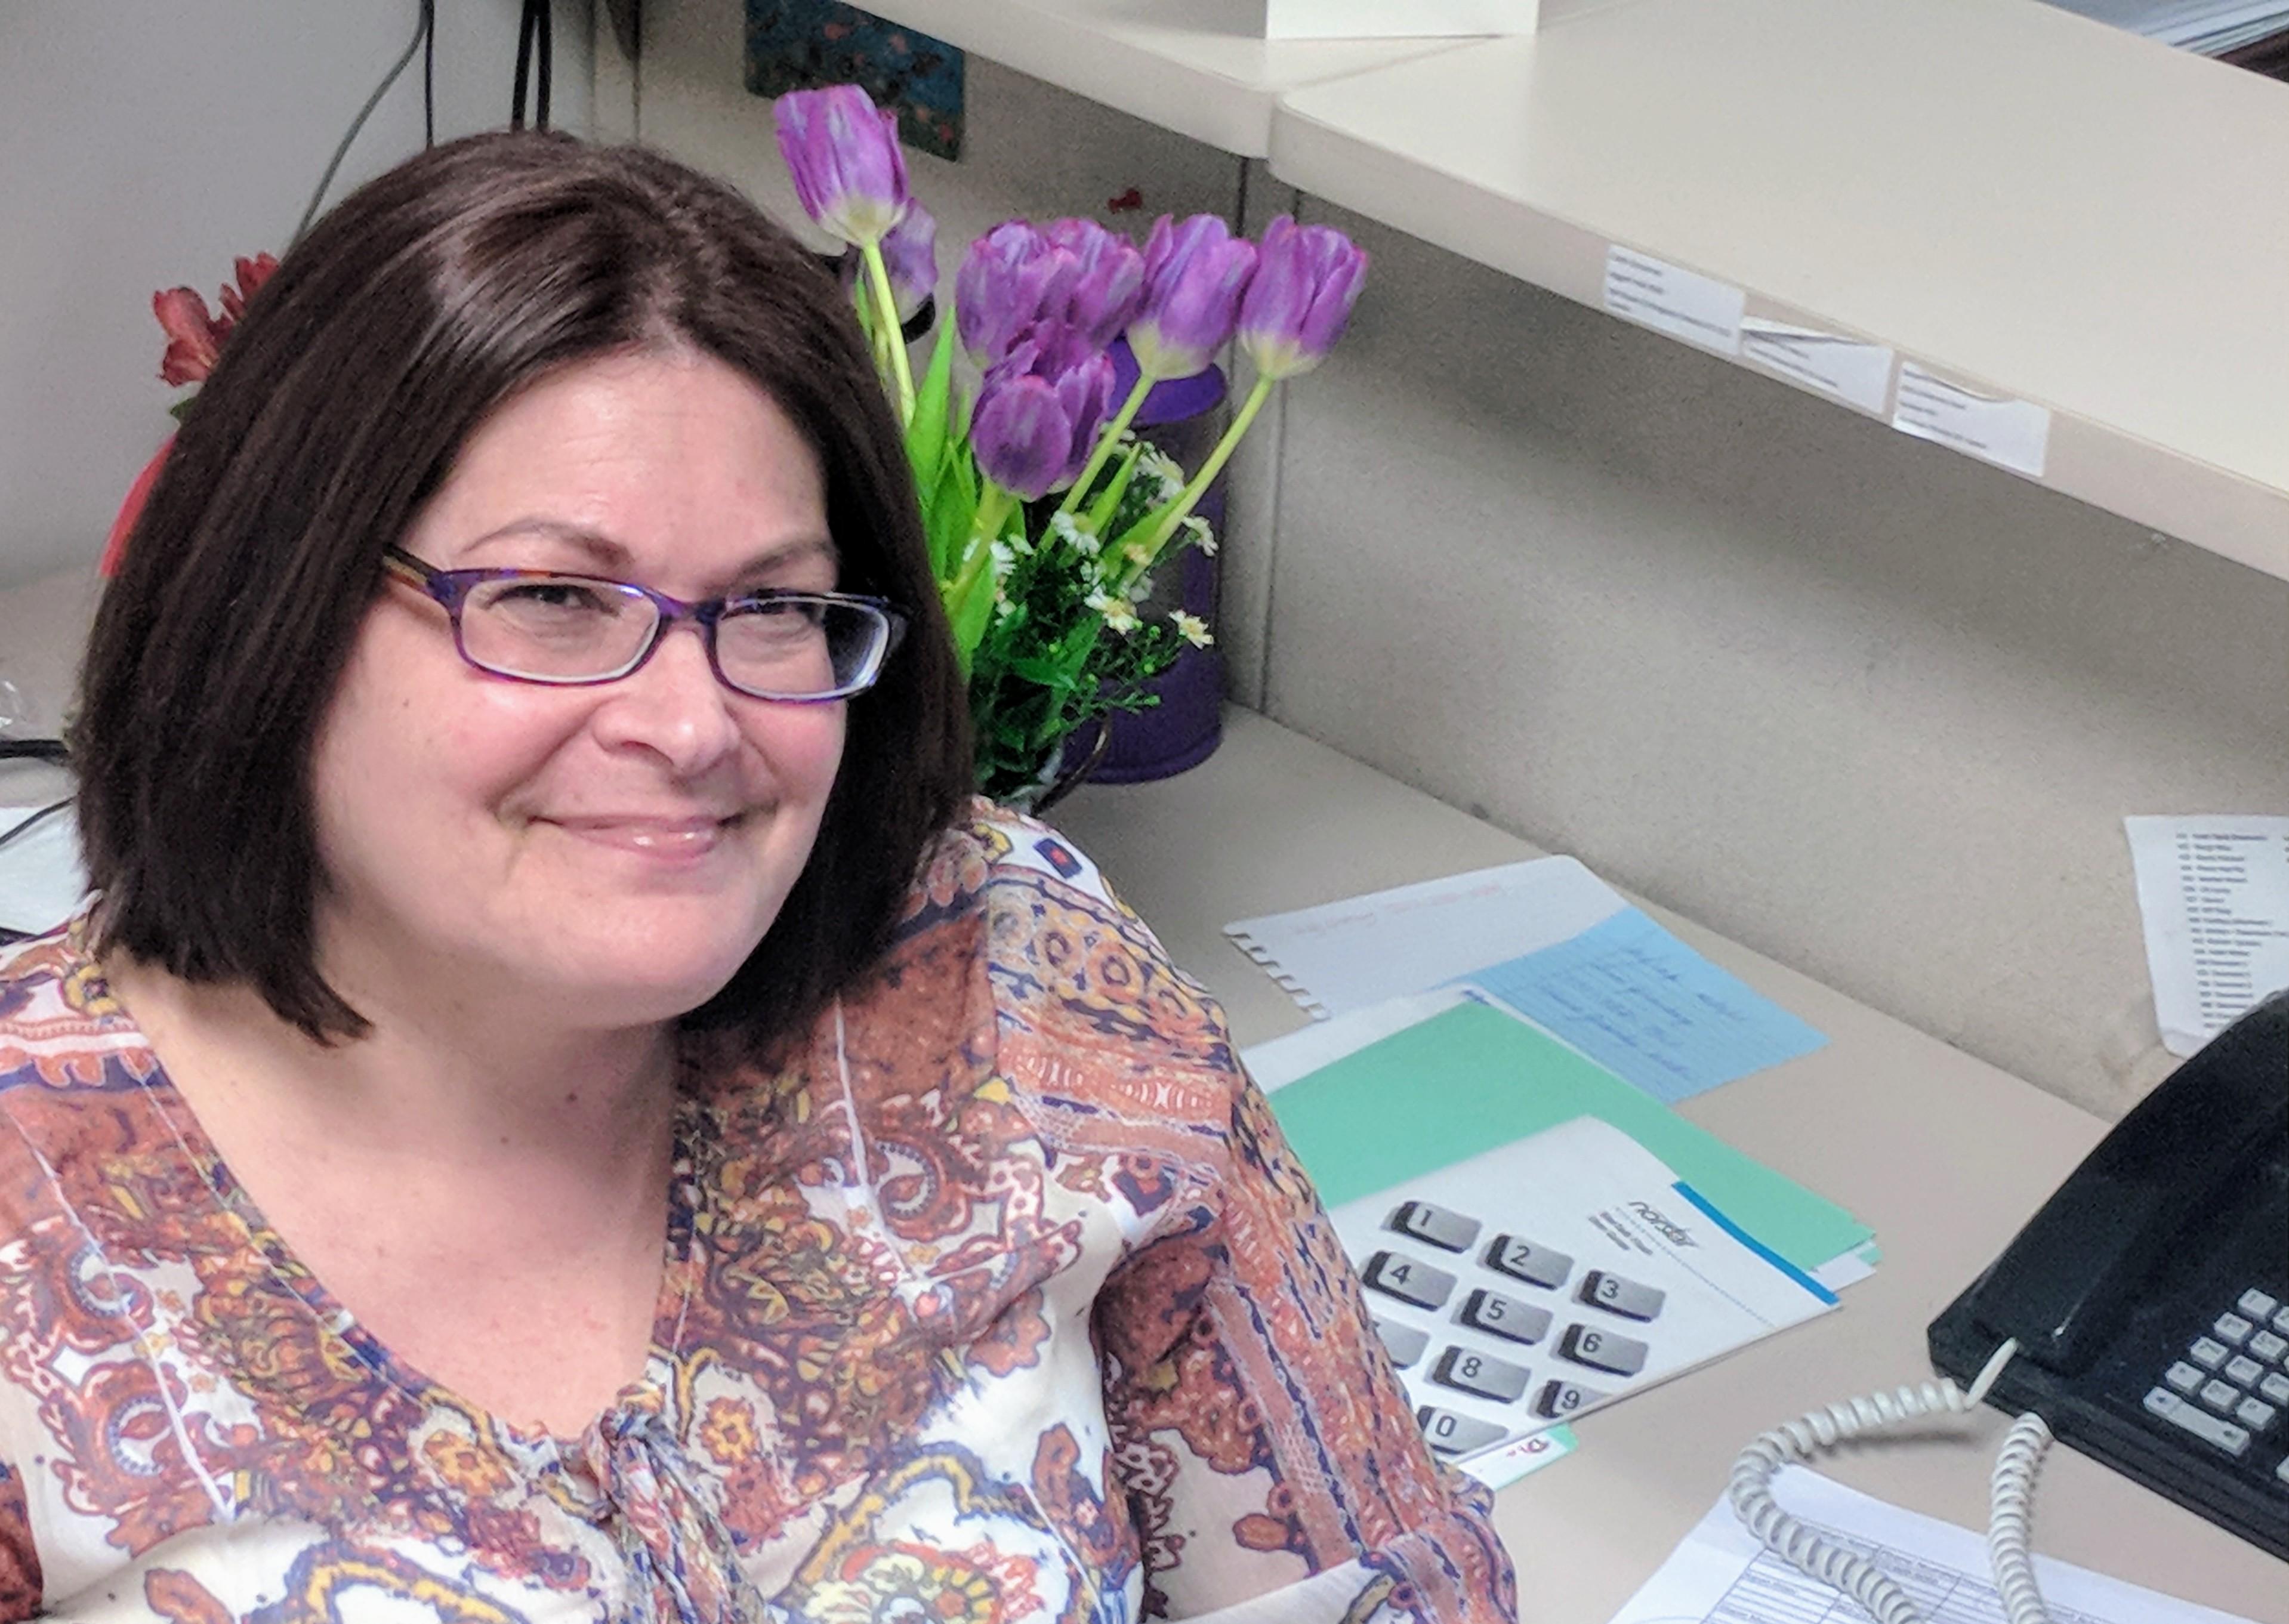 New Shomrei Office Administrator, Lisa Zelenetz